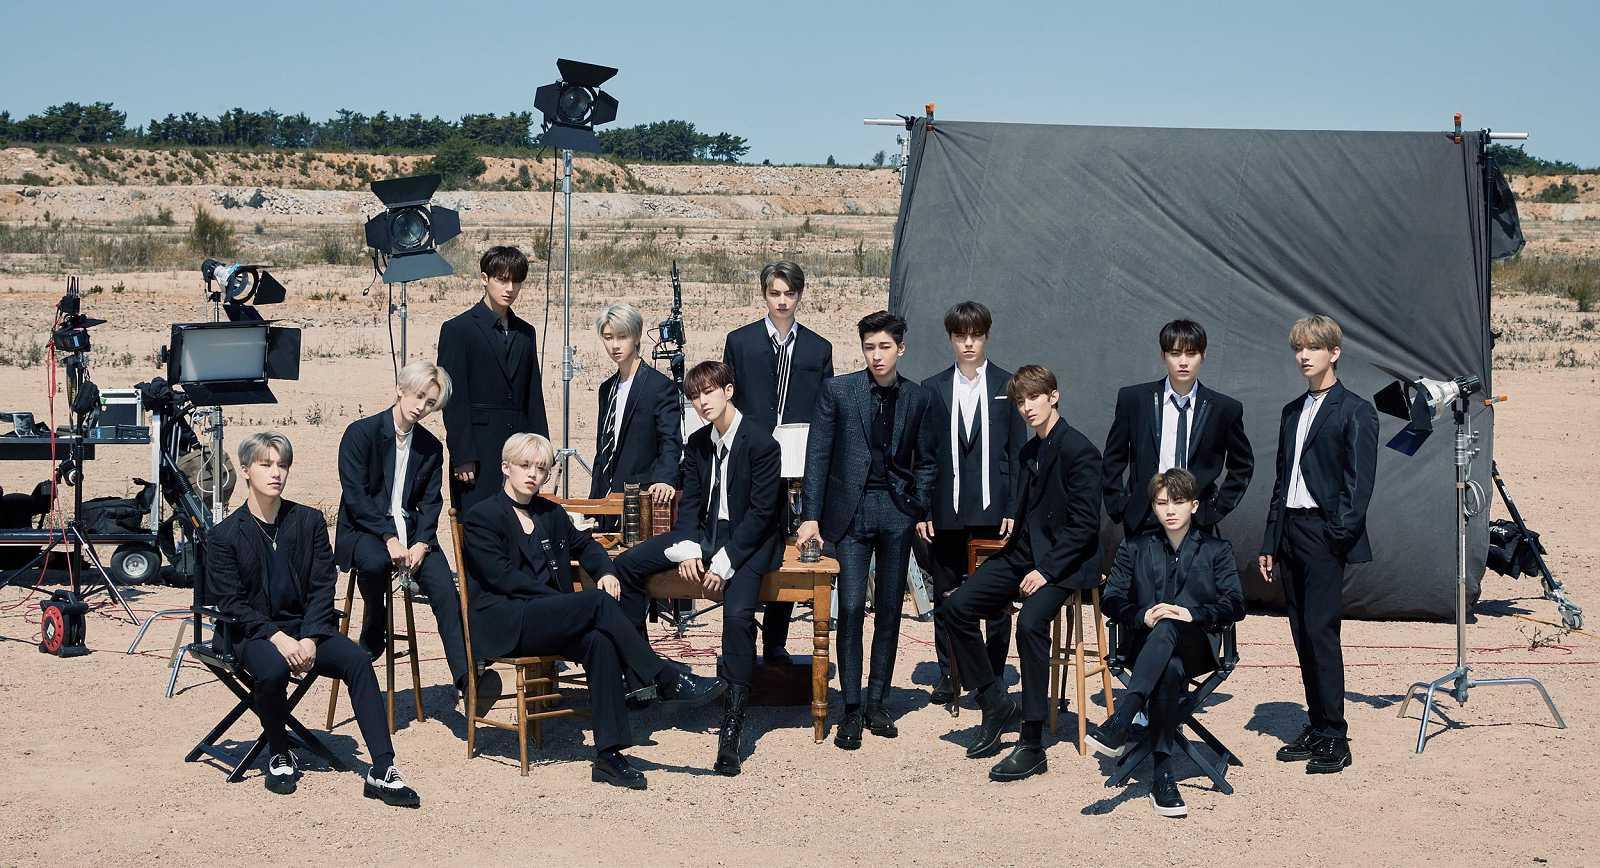 Los 13 miembros del grupo de música coreano Seventeen en el cartel oficial ed la gira 'Ode to You'